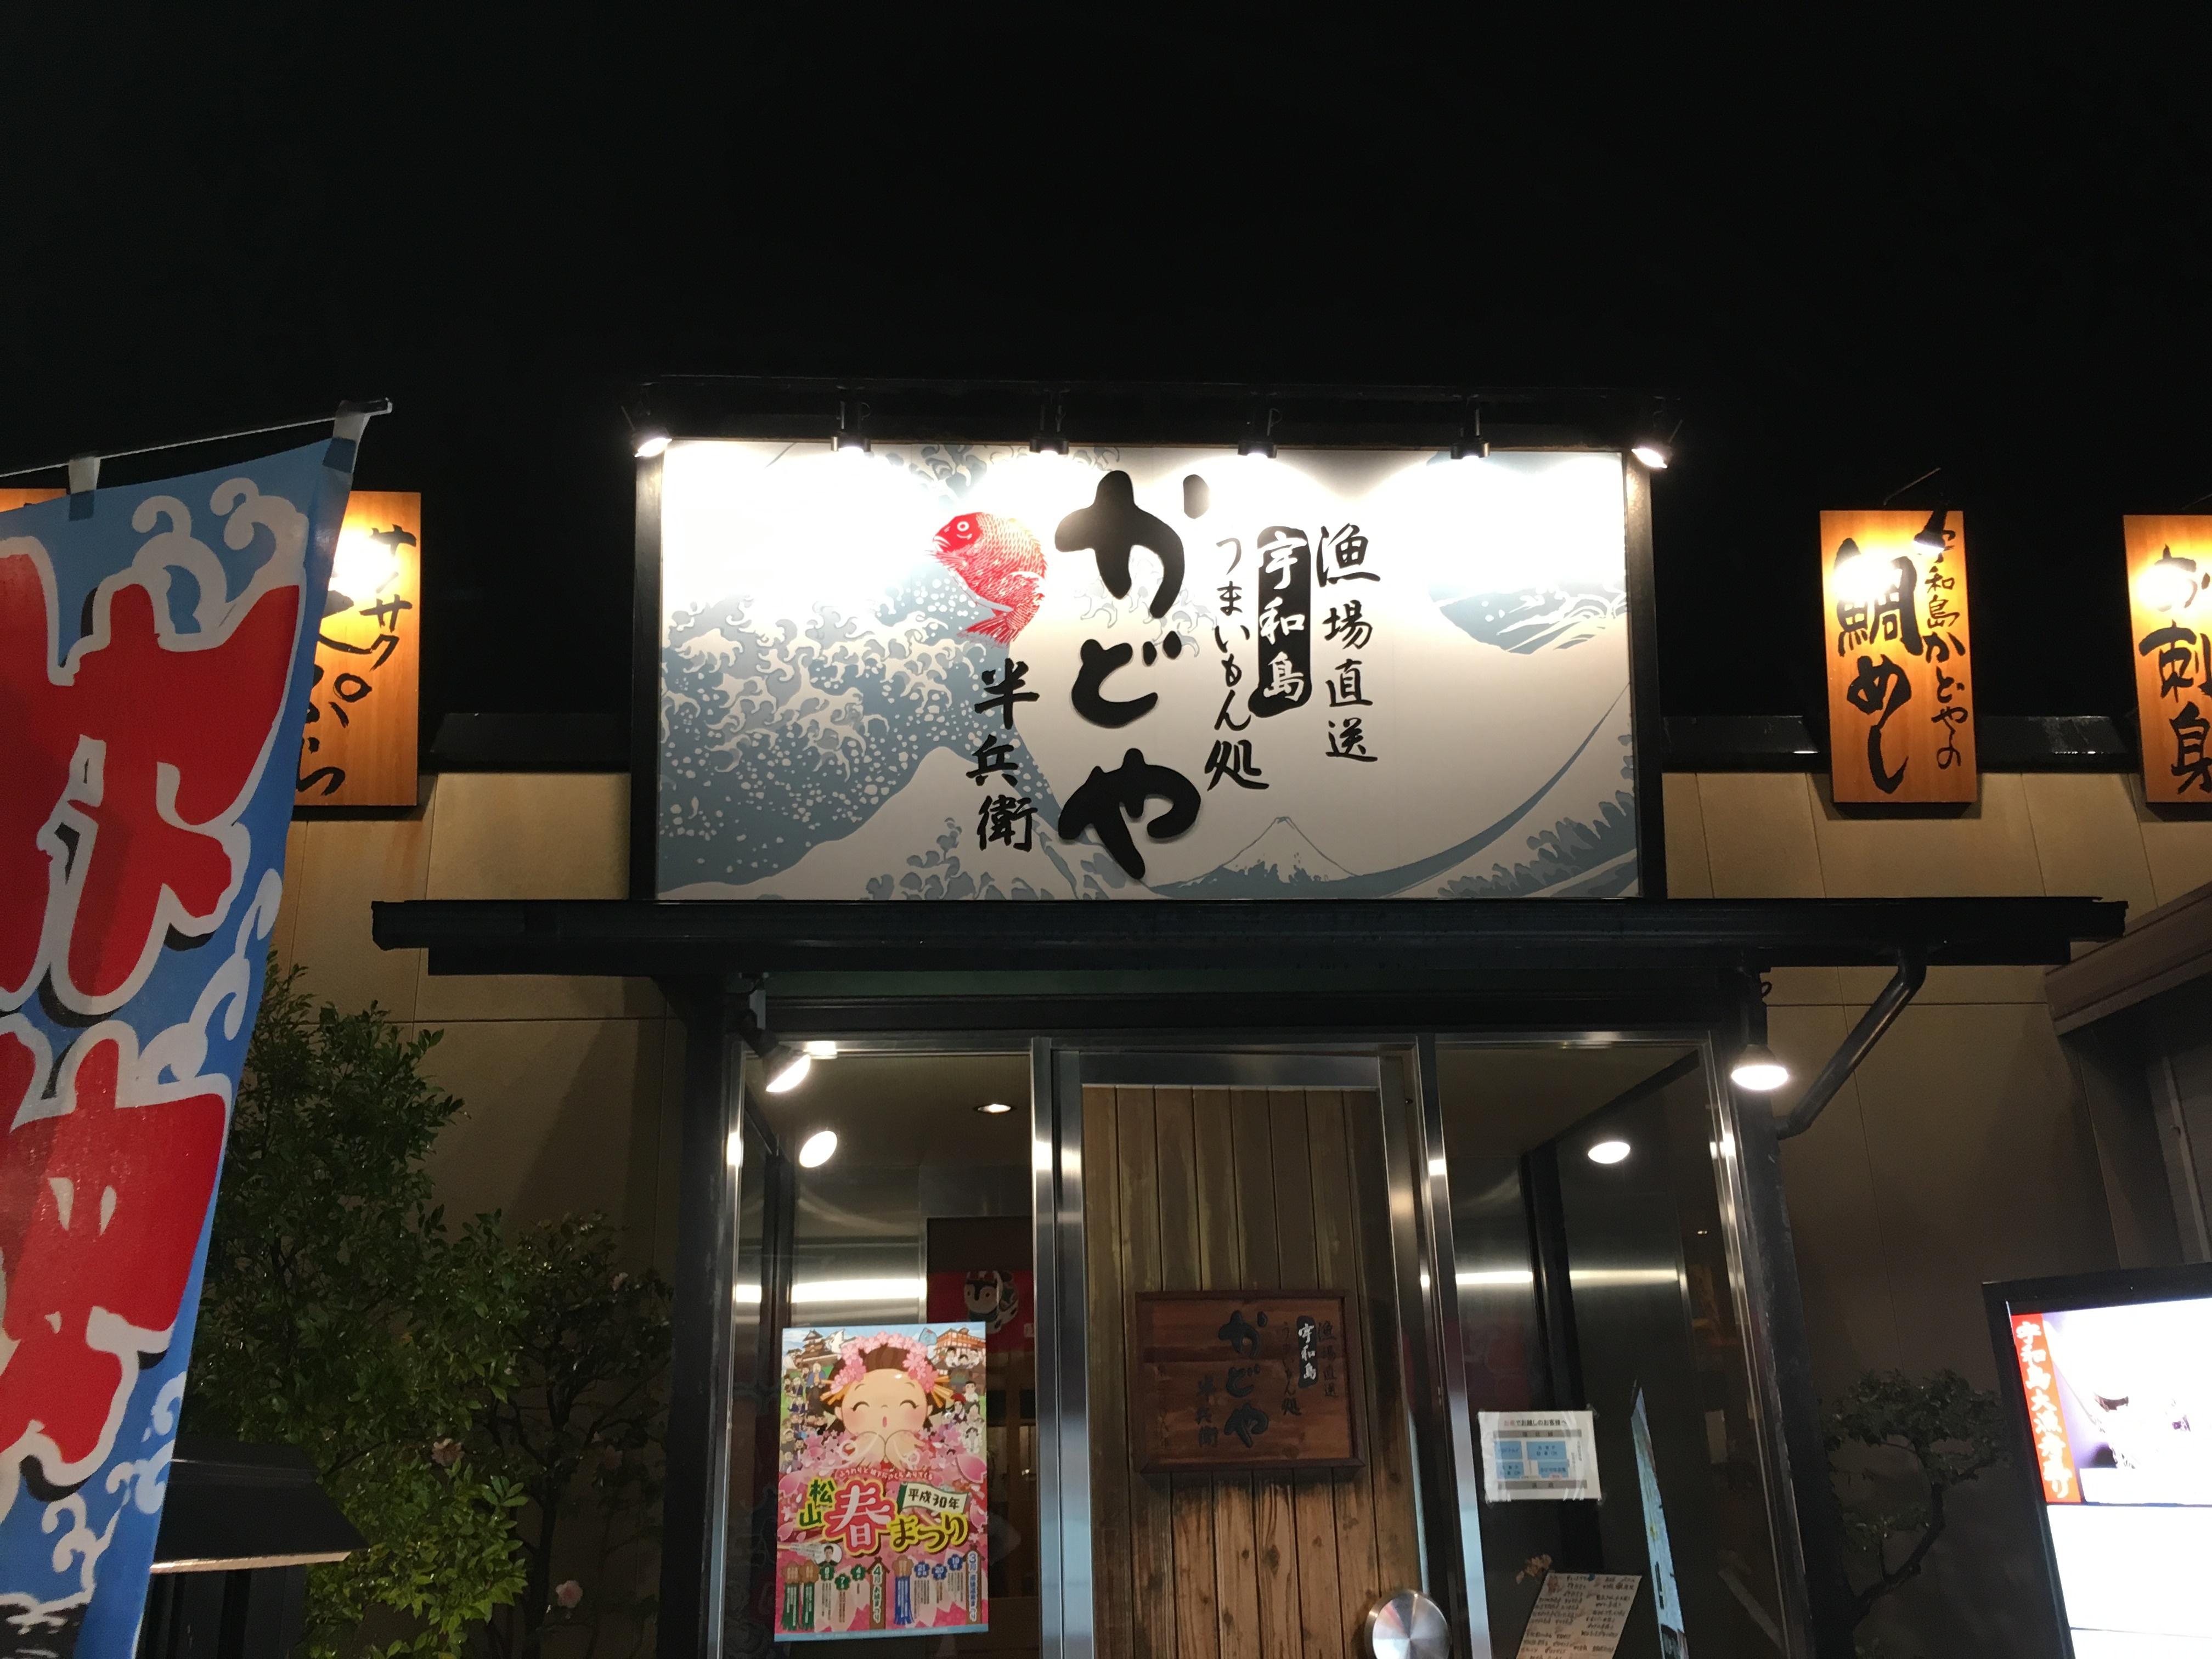 自分で作るのが楽しい!松山市にある「かどや半兵衛」の「宇和島鯛めし」を食べてきました!